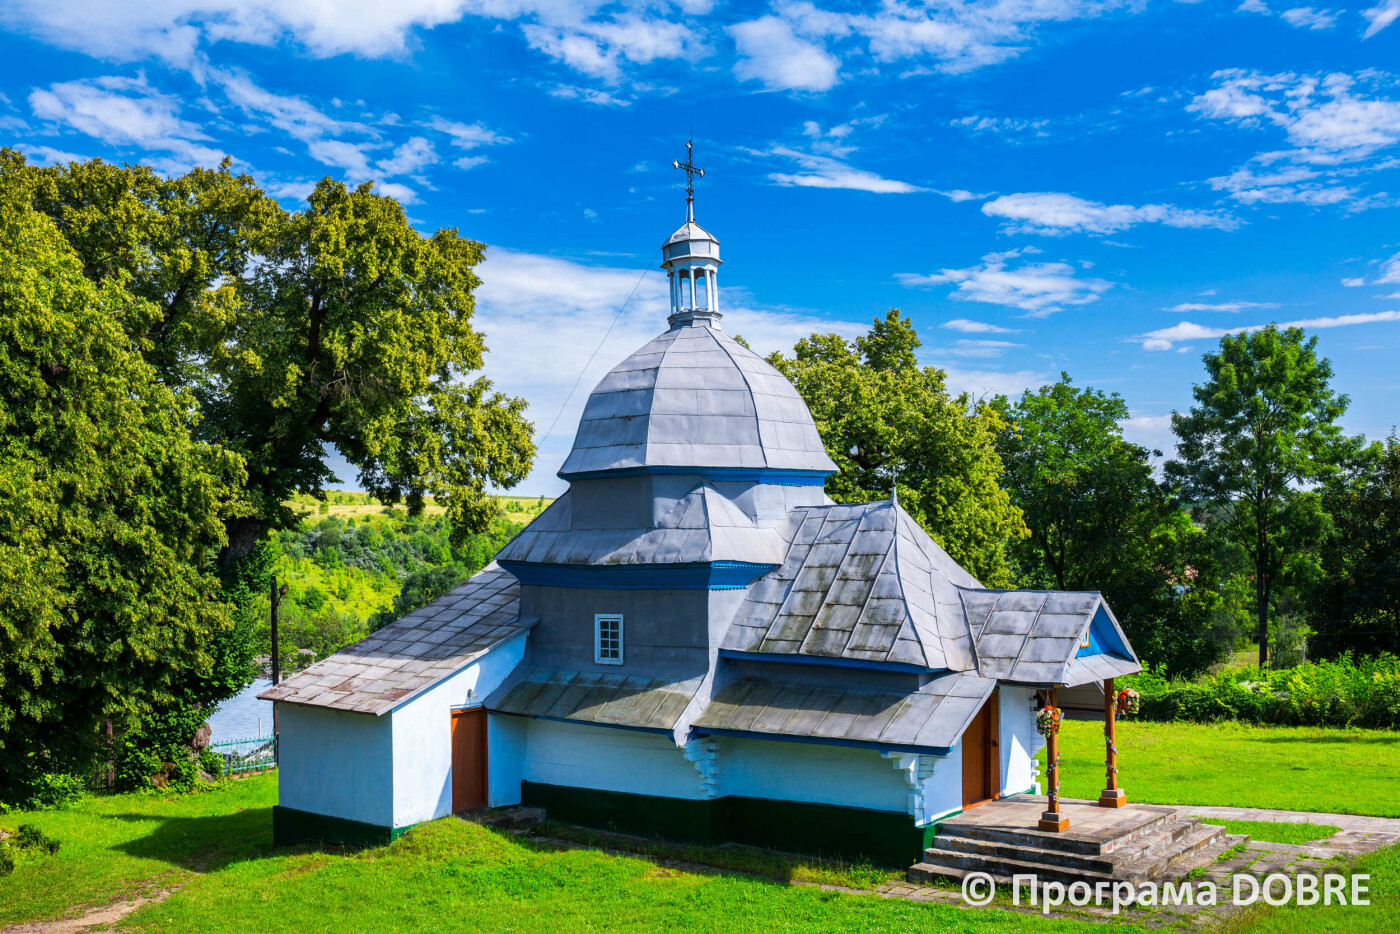 """""""Музей на дереві та нічні екскурсії на цвинтар"""": як громаді на Тернопільщині вдалося привабити туристів (ФОТО), фото-2"""